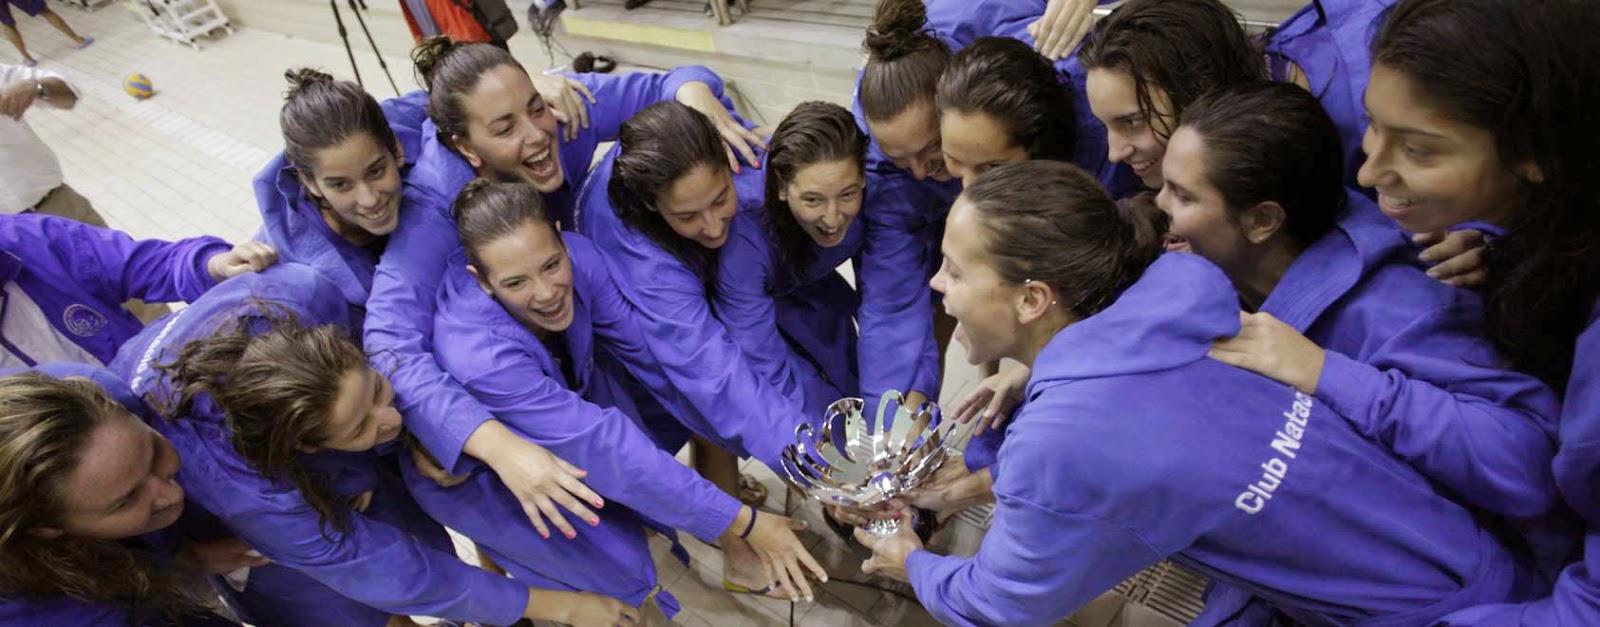 WATERPOLO-CN Sabadell hace pleno de títulos alzando la liga